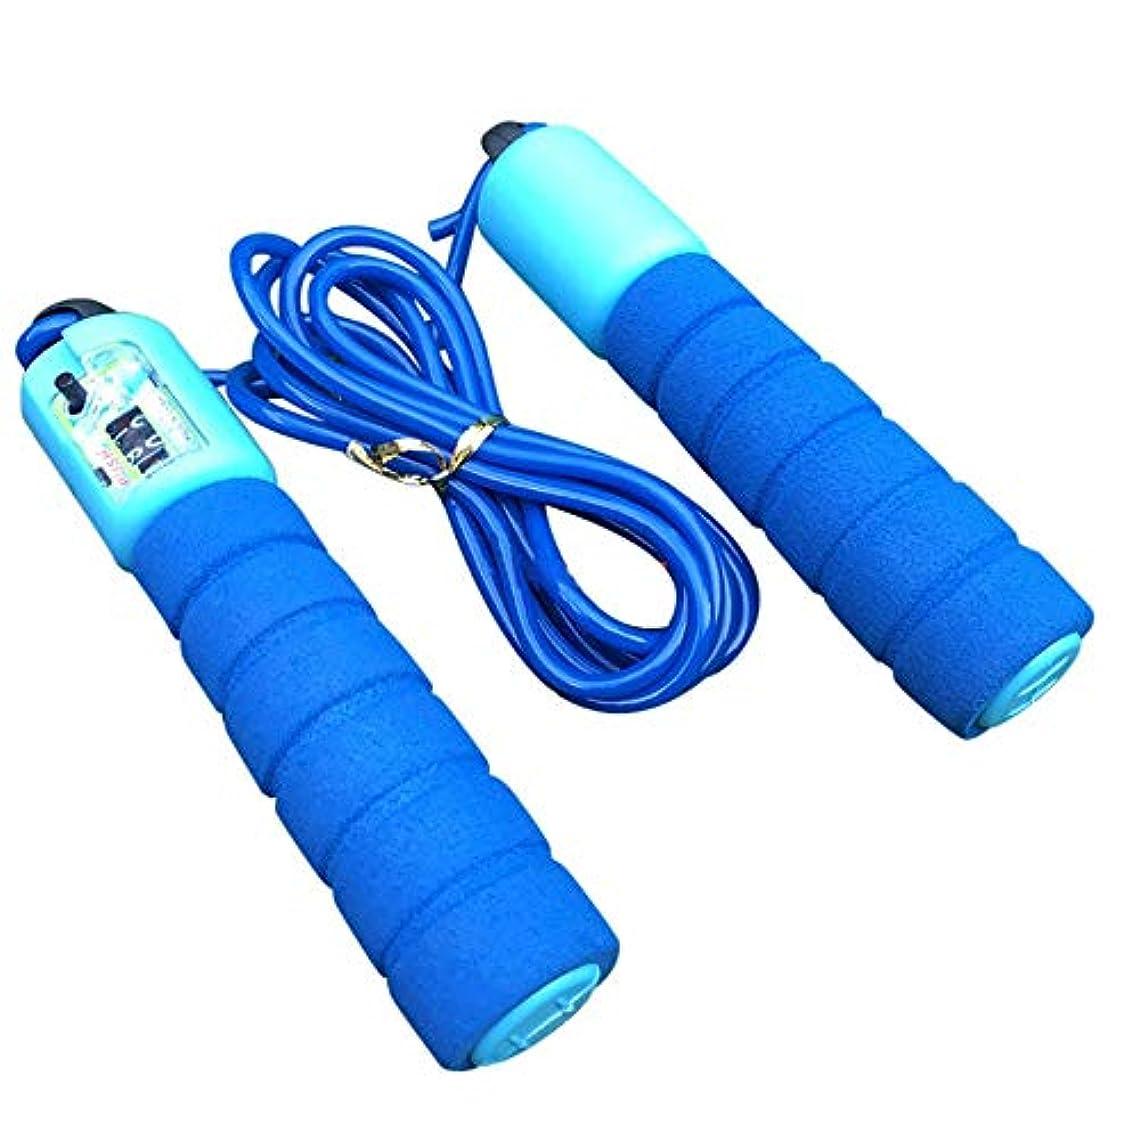 反乱生息地座標調整可能なプロフェッショナルカウント縄跳び自動カウントジャンプロープフィットネス運動高速カウントジャンプロープ - 青